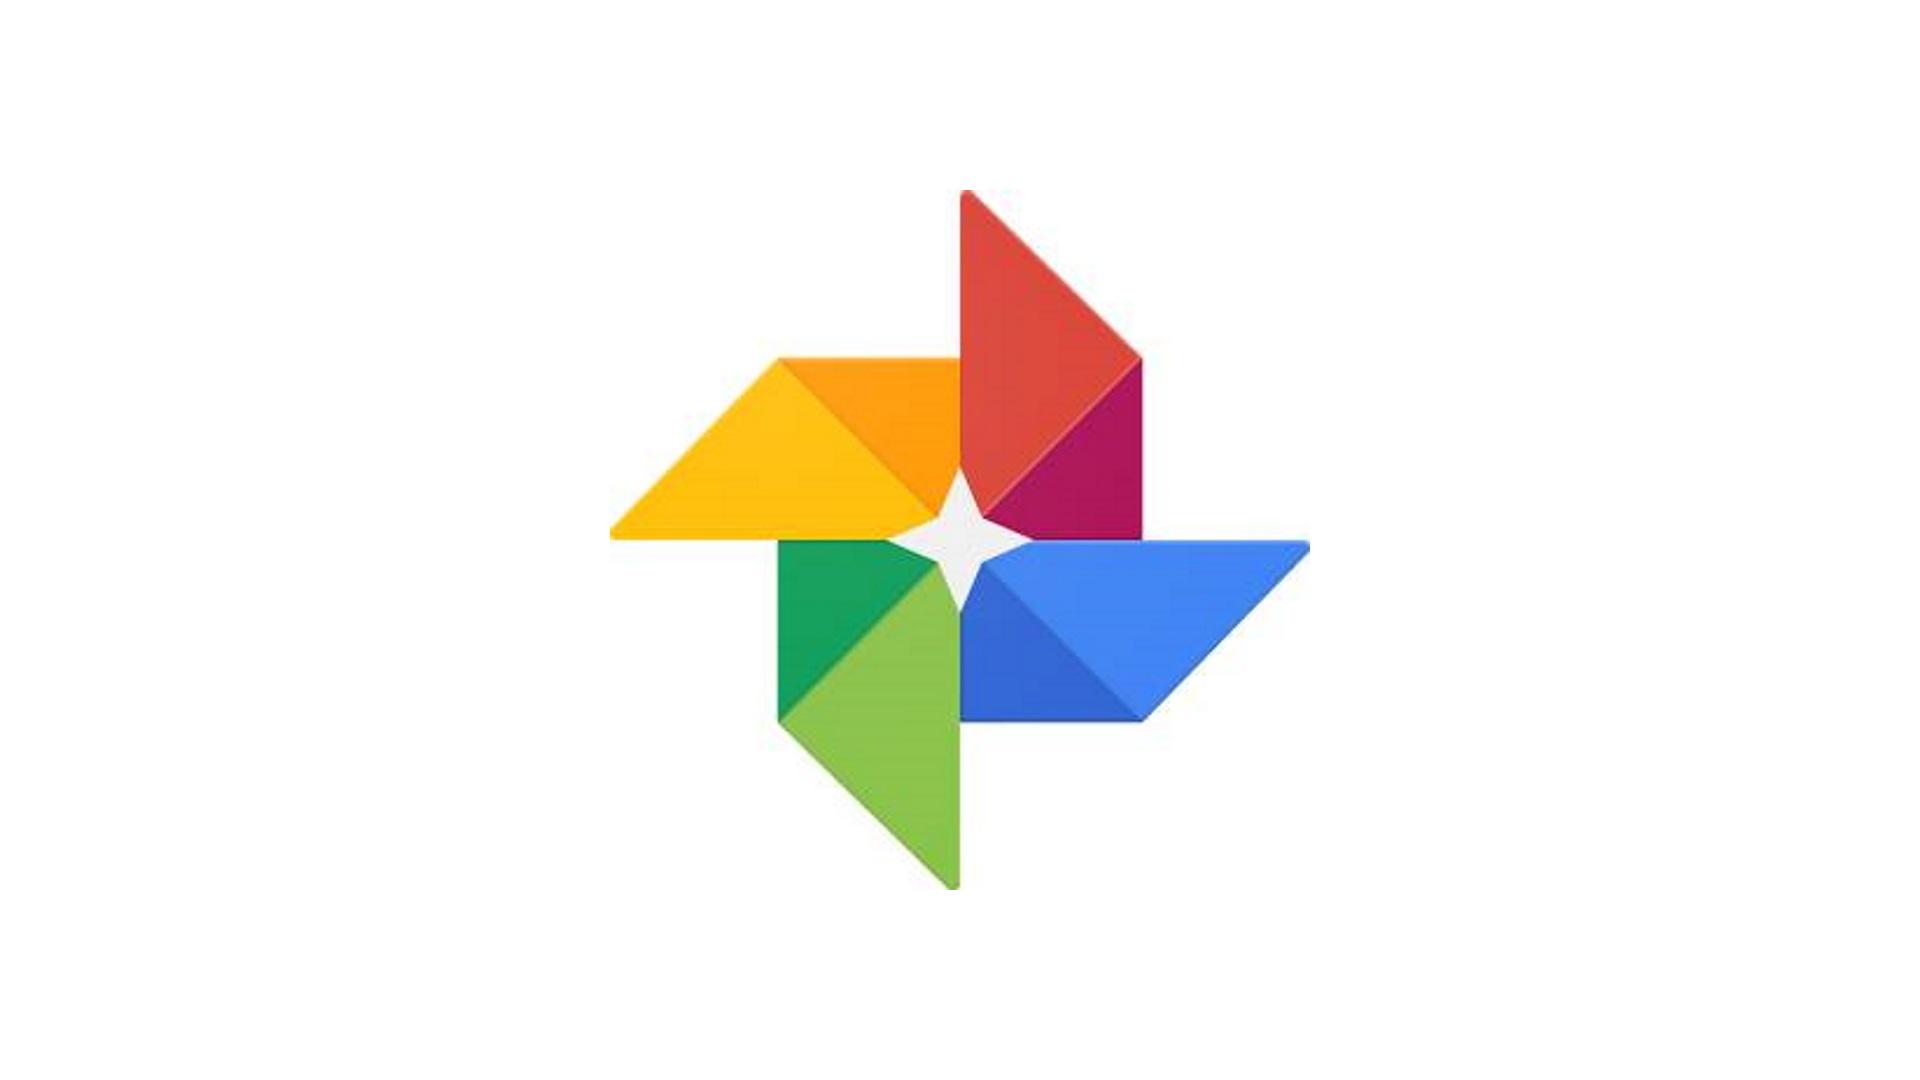 「Google フォト」がアーカイブ機能を実装、使うとどうなる?